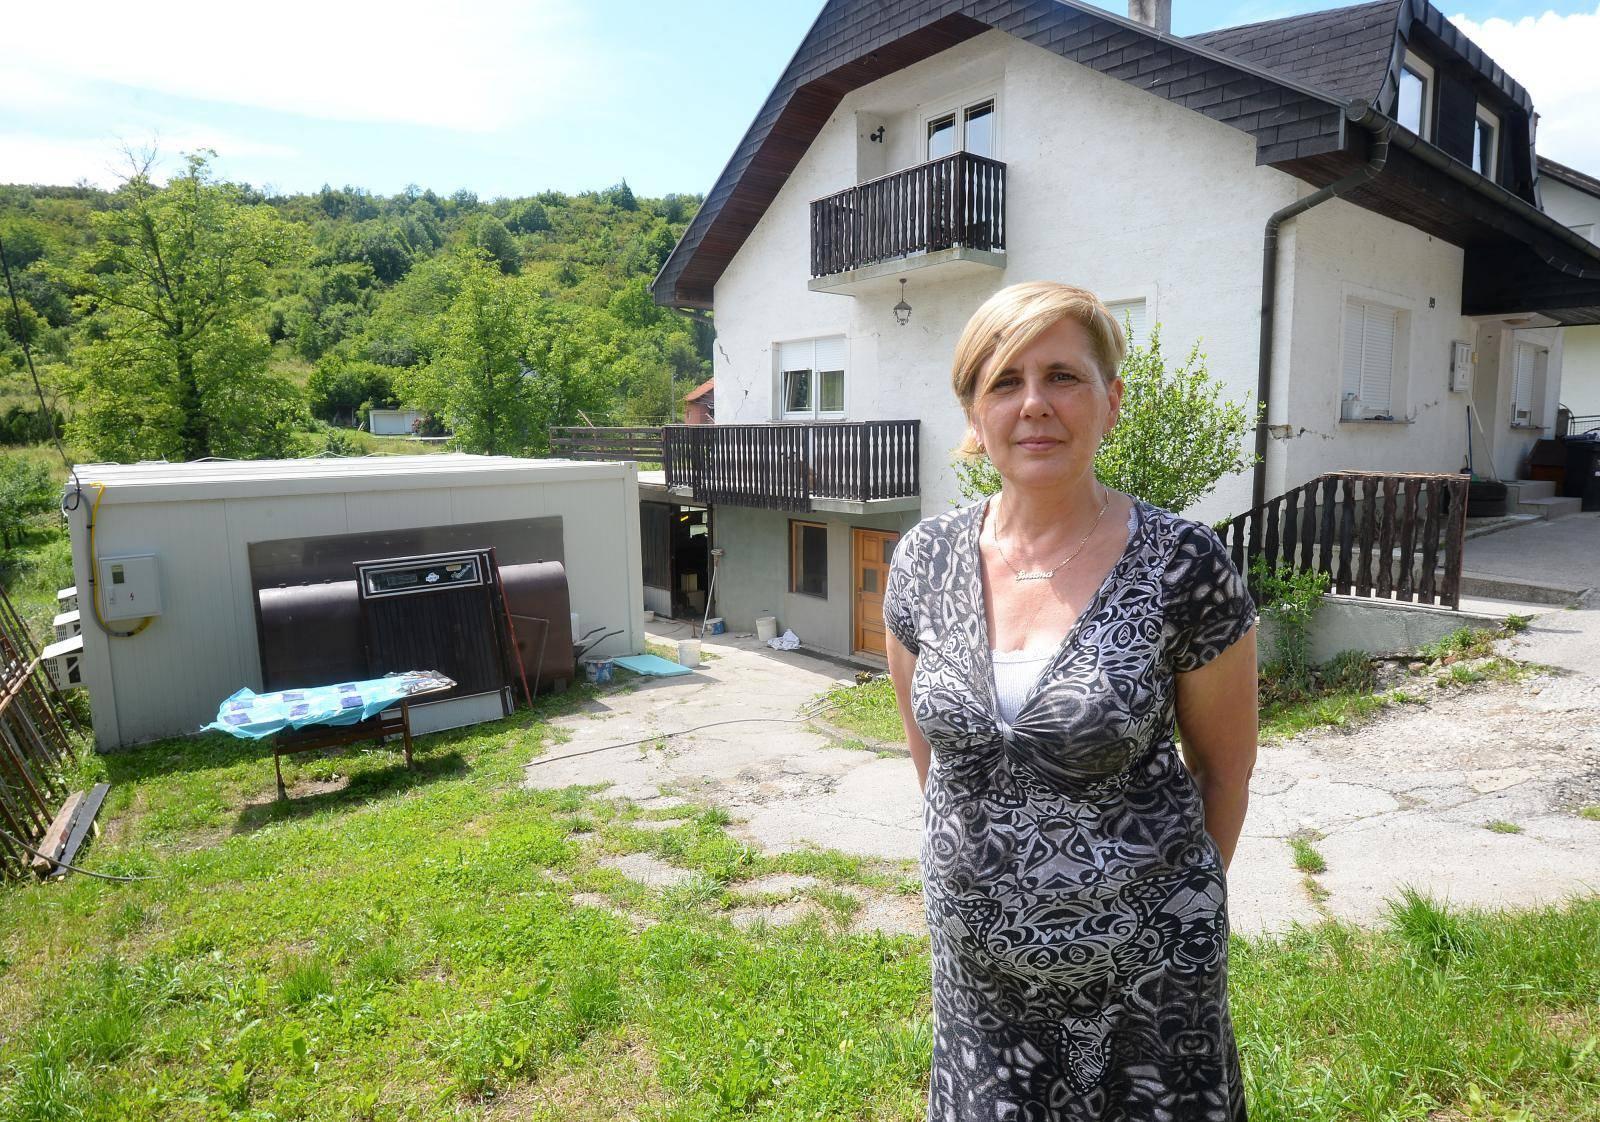 Markuševčani nakon novog potresa: 'Srce mi je bilo u peti, mislila sam da je kao onaj prvi'